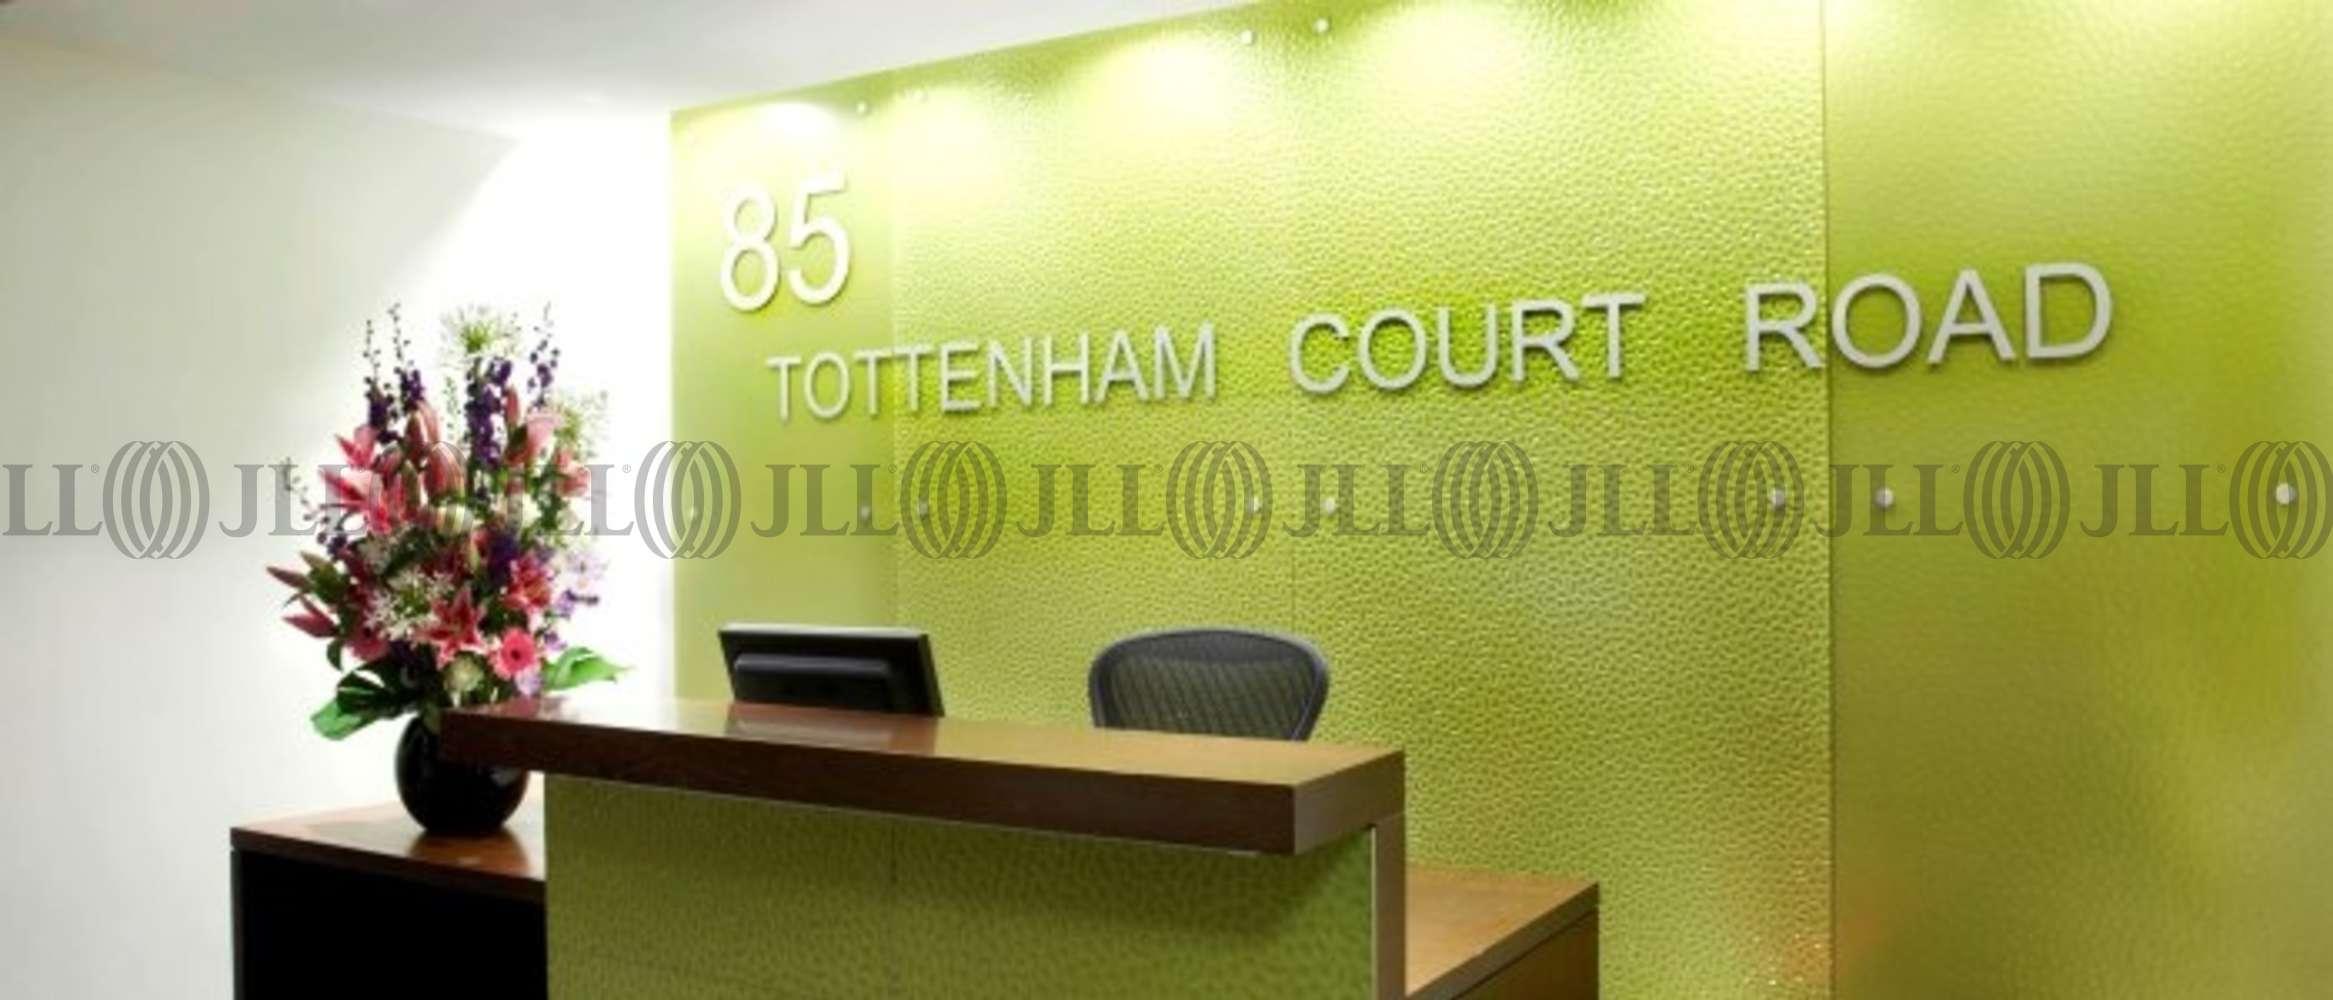 Serviced office London, W1T 4TQ - 85 Tottenham Court Road - 1